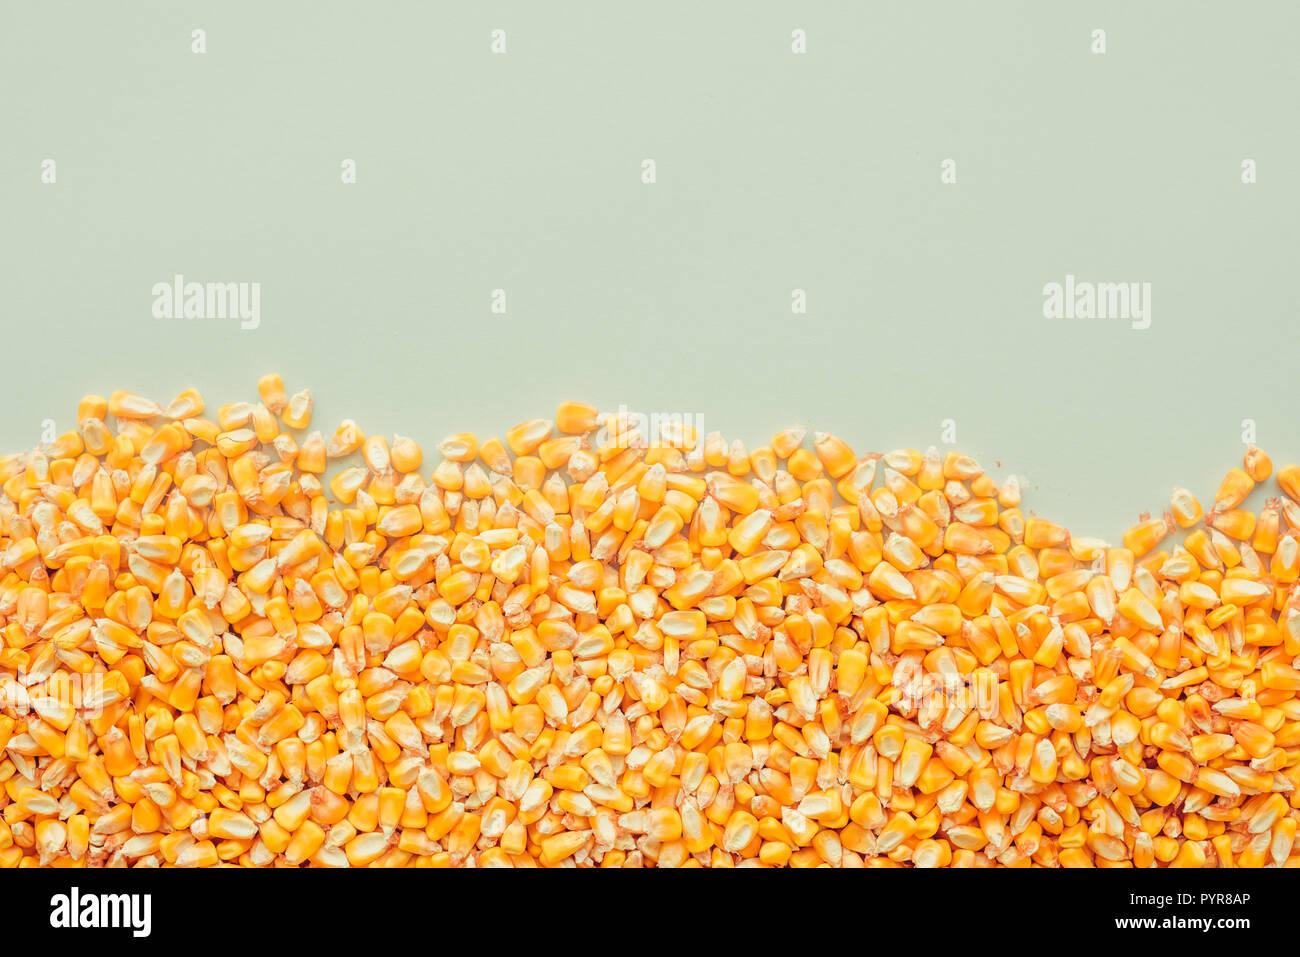 Hintergrund der geernteten Maiskörner mit Kopie Raum, Konzept des Überflusses und des großen Ertrag nach der erfolgreichen Ernte Stockbild